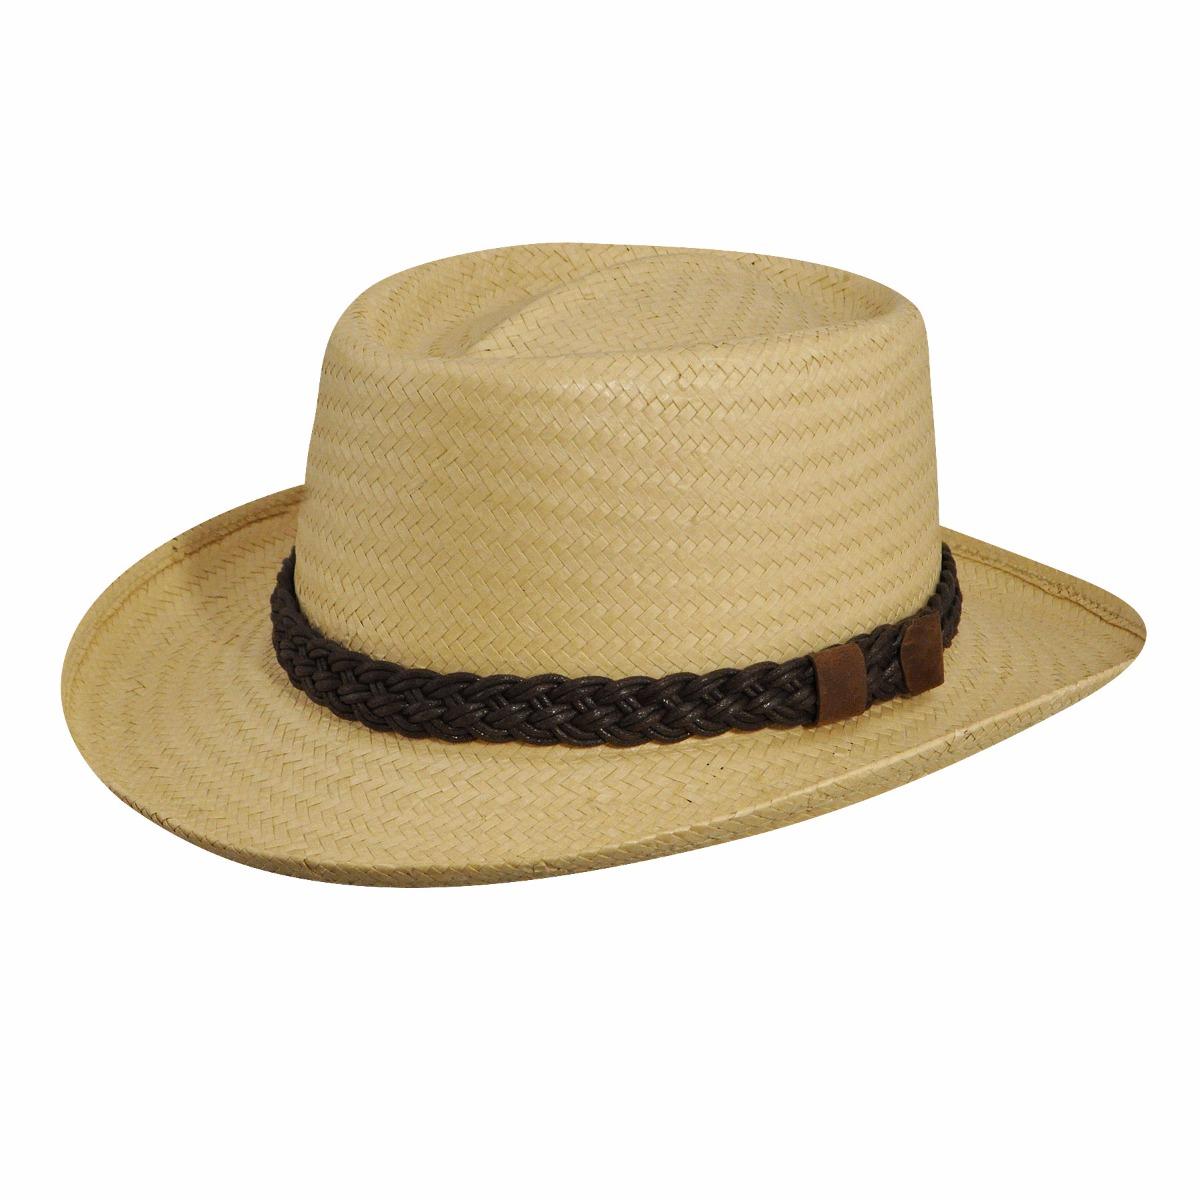 Steampunk Hats for Men | Top Hat, Bowler, Masks Joseph Weave Gambler - NaturalS $48.00 AT vintagedancer.com